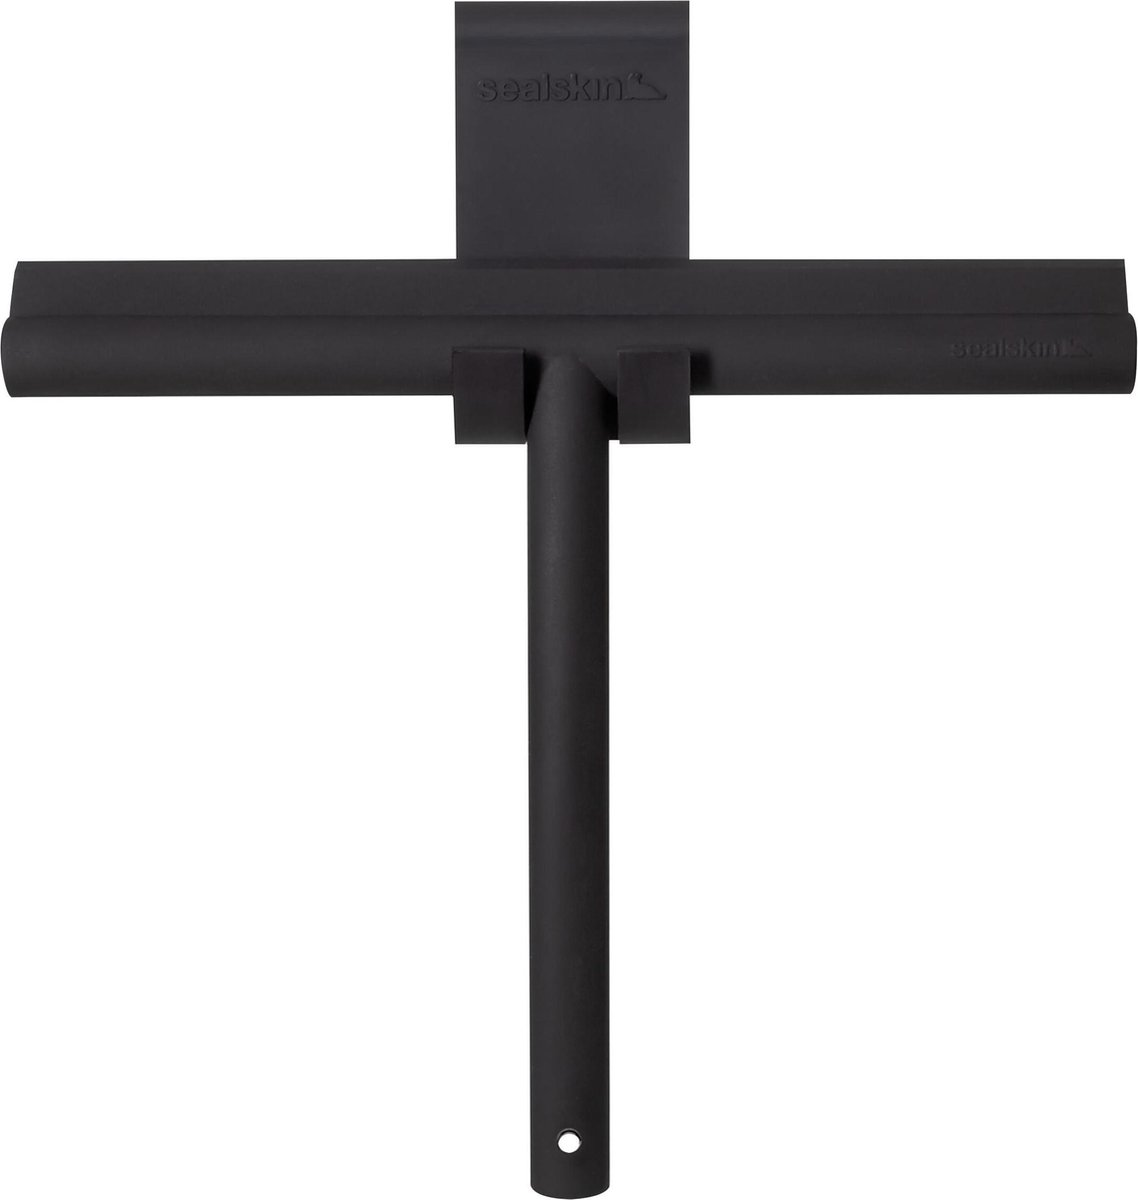 Sealskin Deluxe Raamwisser inclusief flexibele glashaak - Zwart